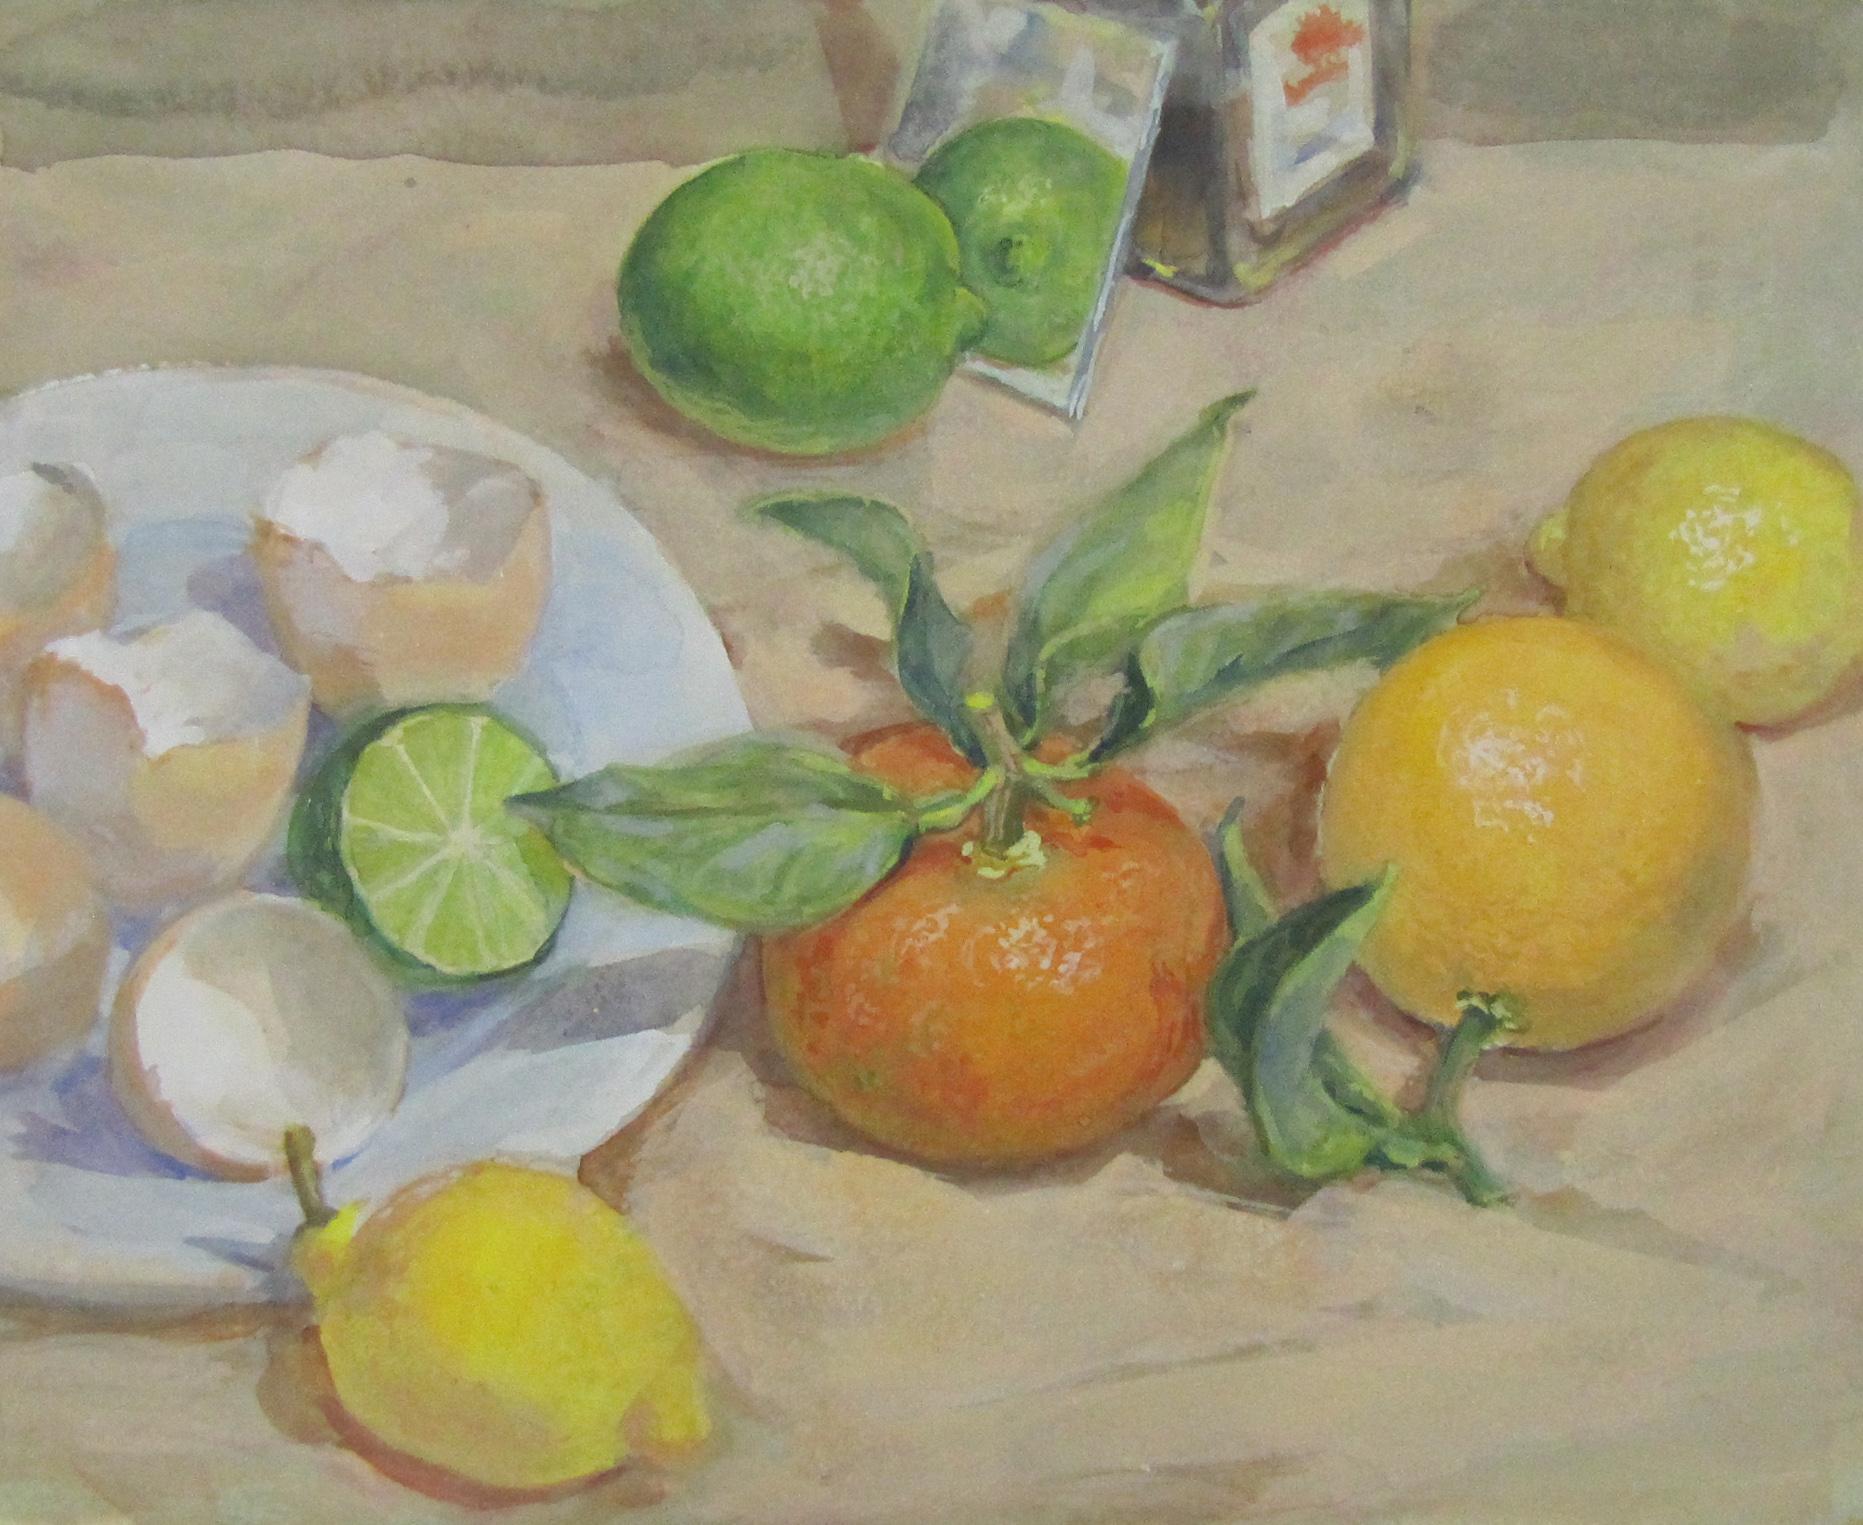 Oranges, lemons, limes, eggshells. 2001. Watercolour, gouache on Arches paper. 20.3 x 25 cm.$2,200